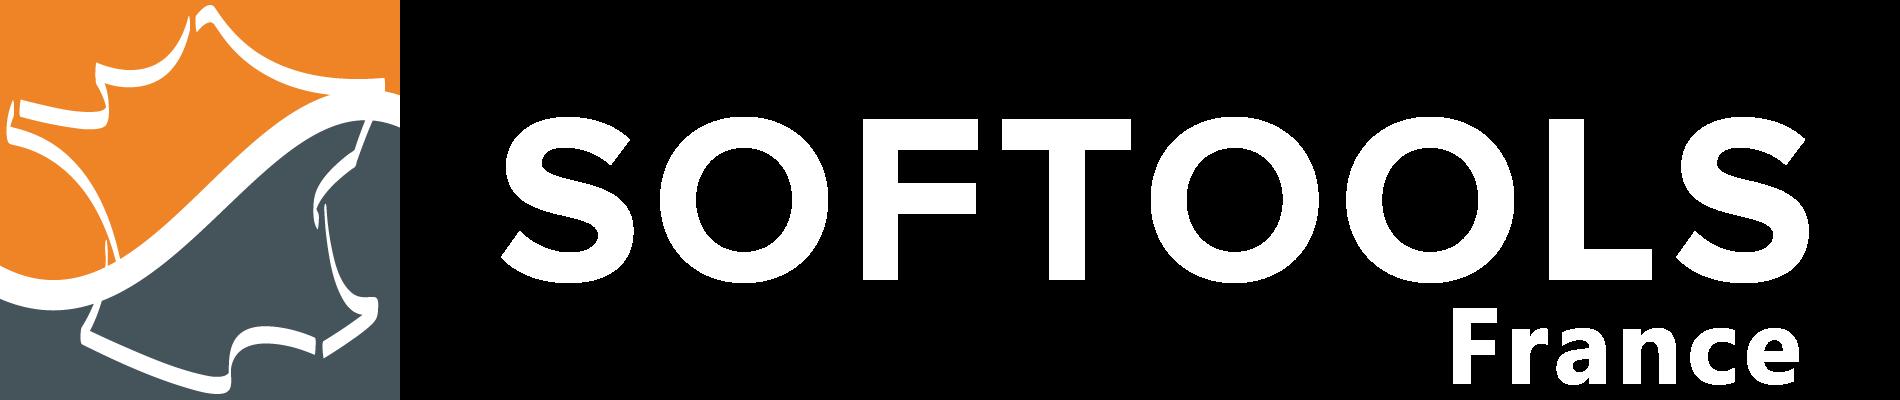 Softools